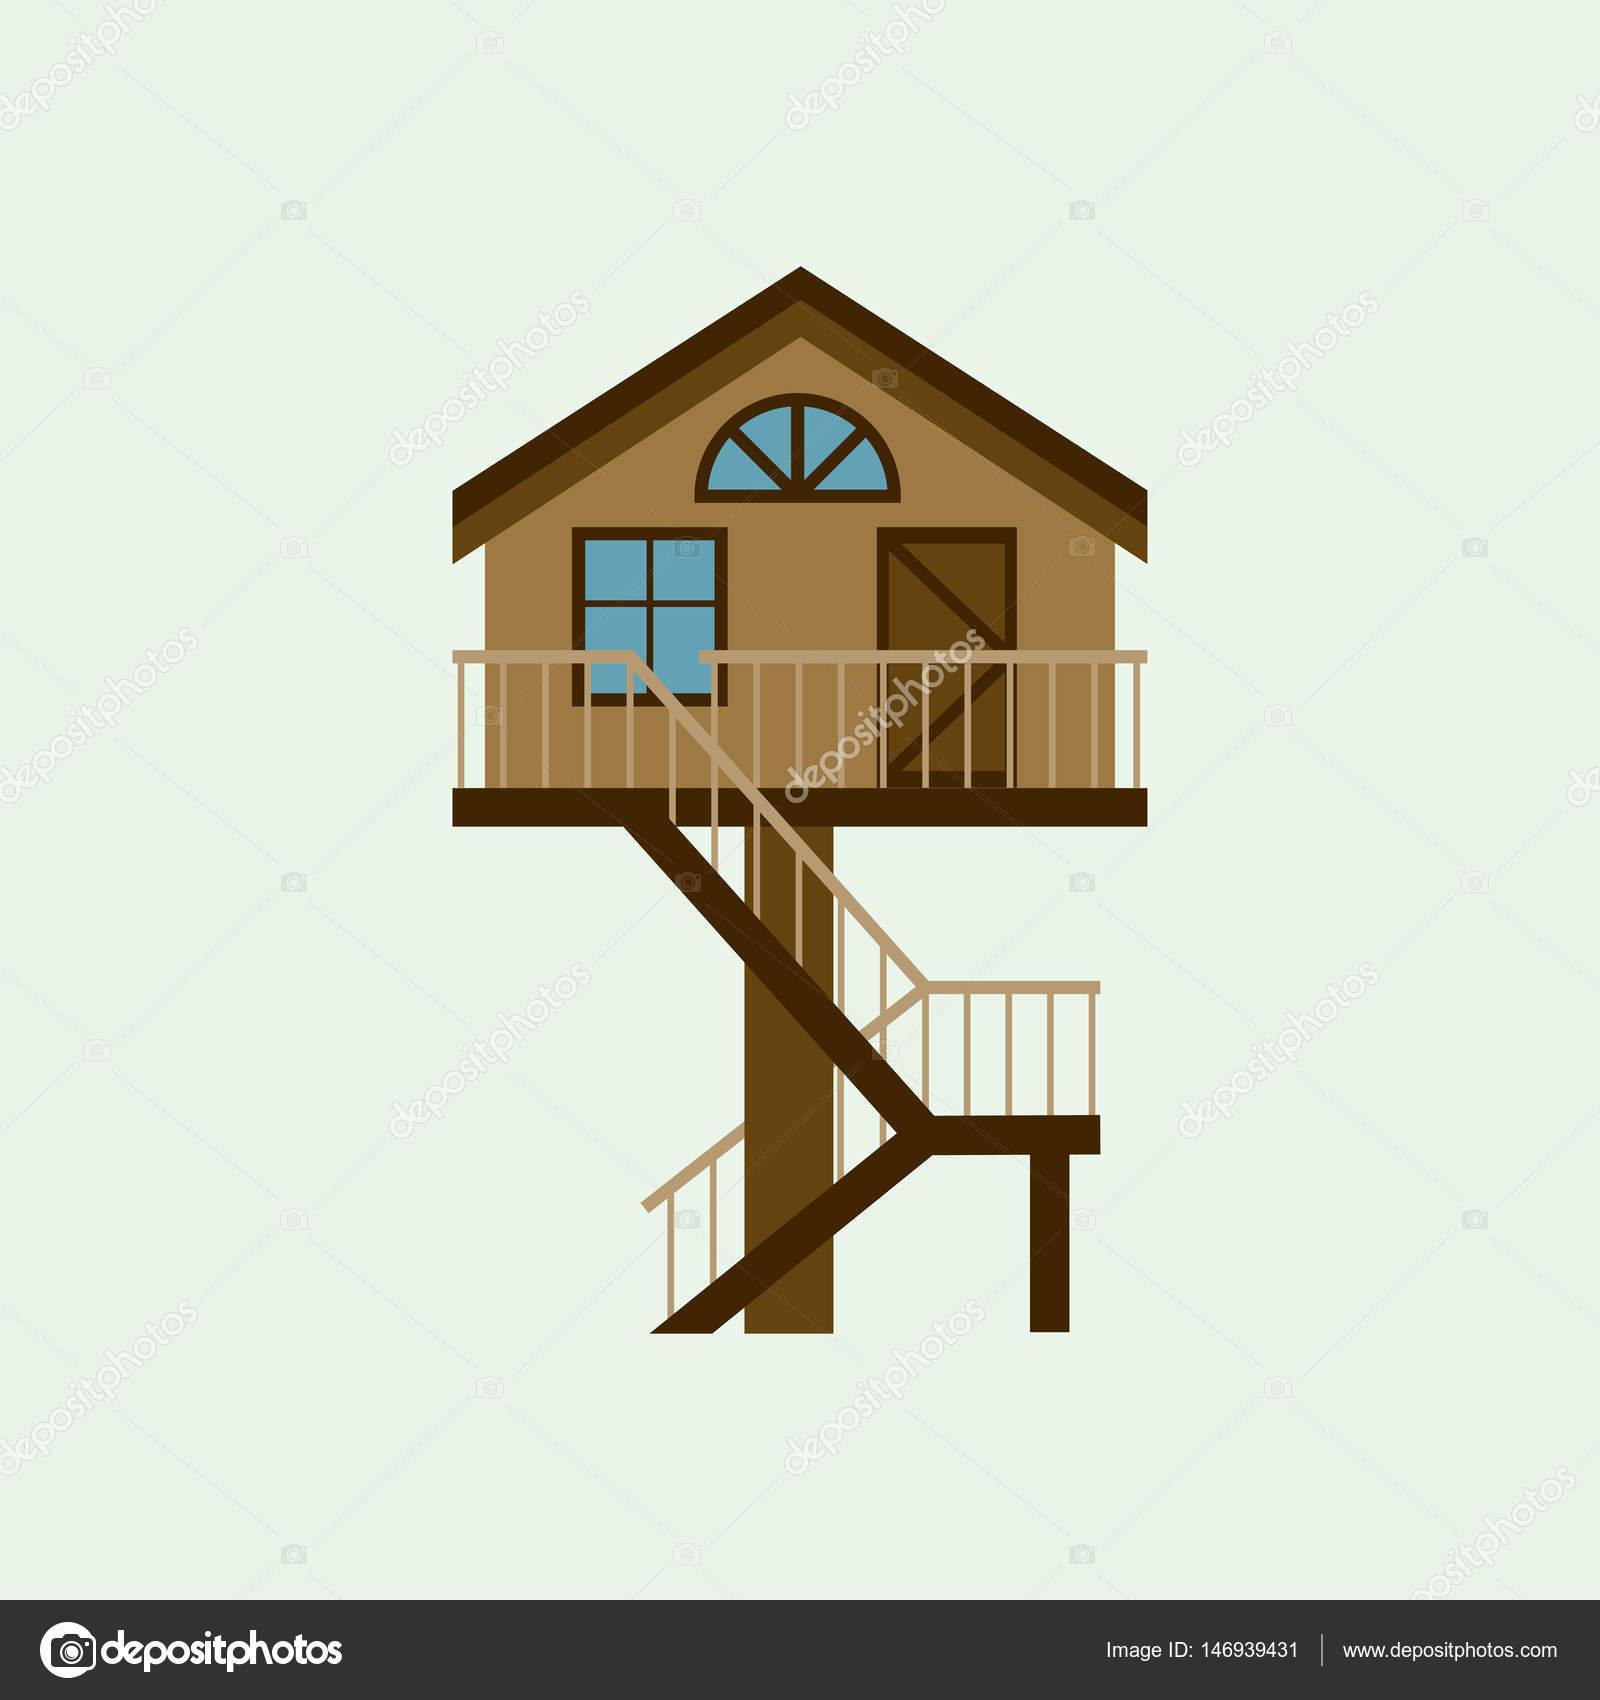 haus vorderansicht vektor-illustration architektur hausbau